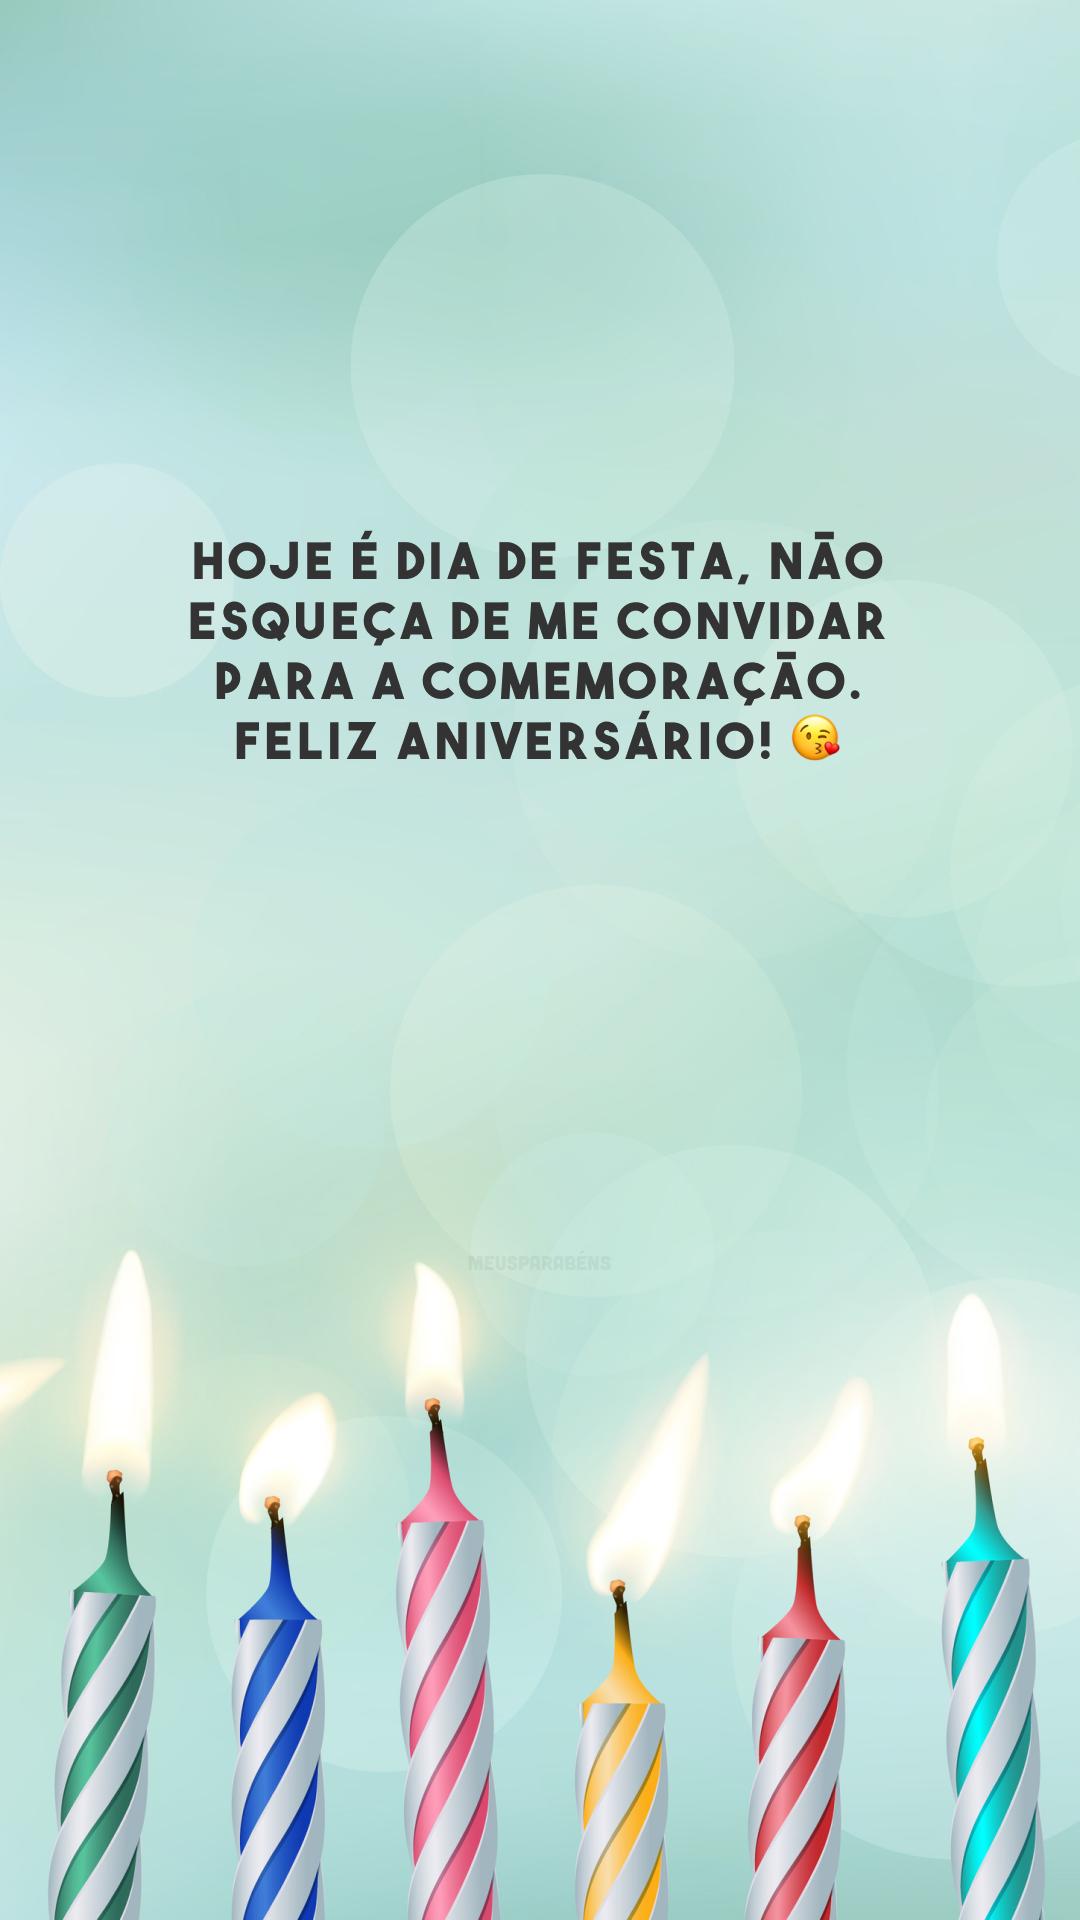 Hoje é dia de festa, não esqueça de me convidar para a comemoração. Feliz aniversário! 😘